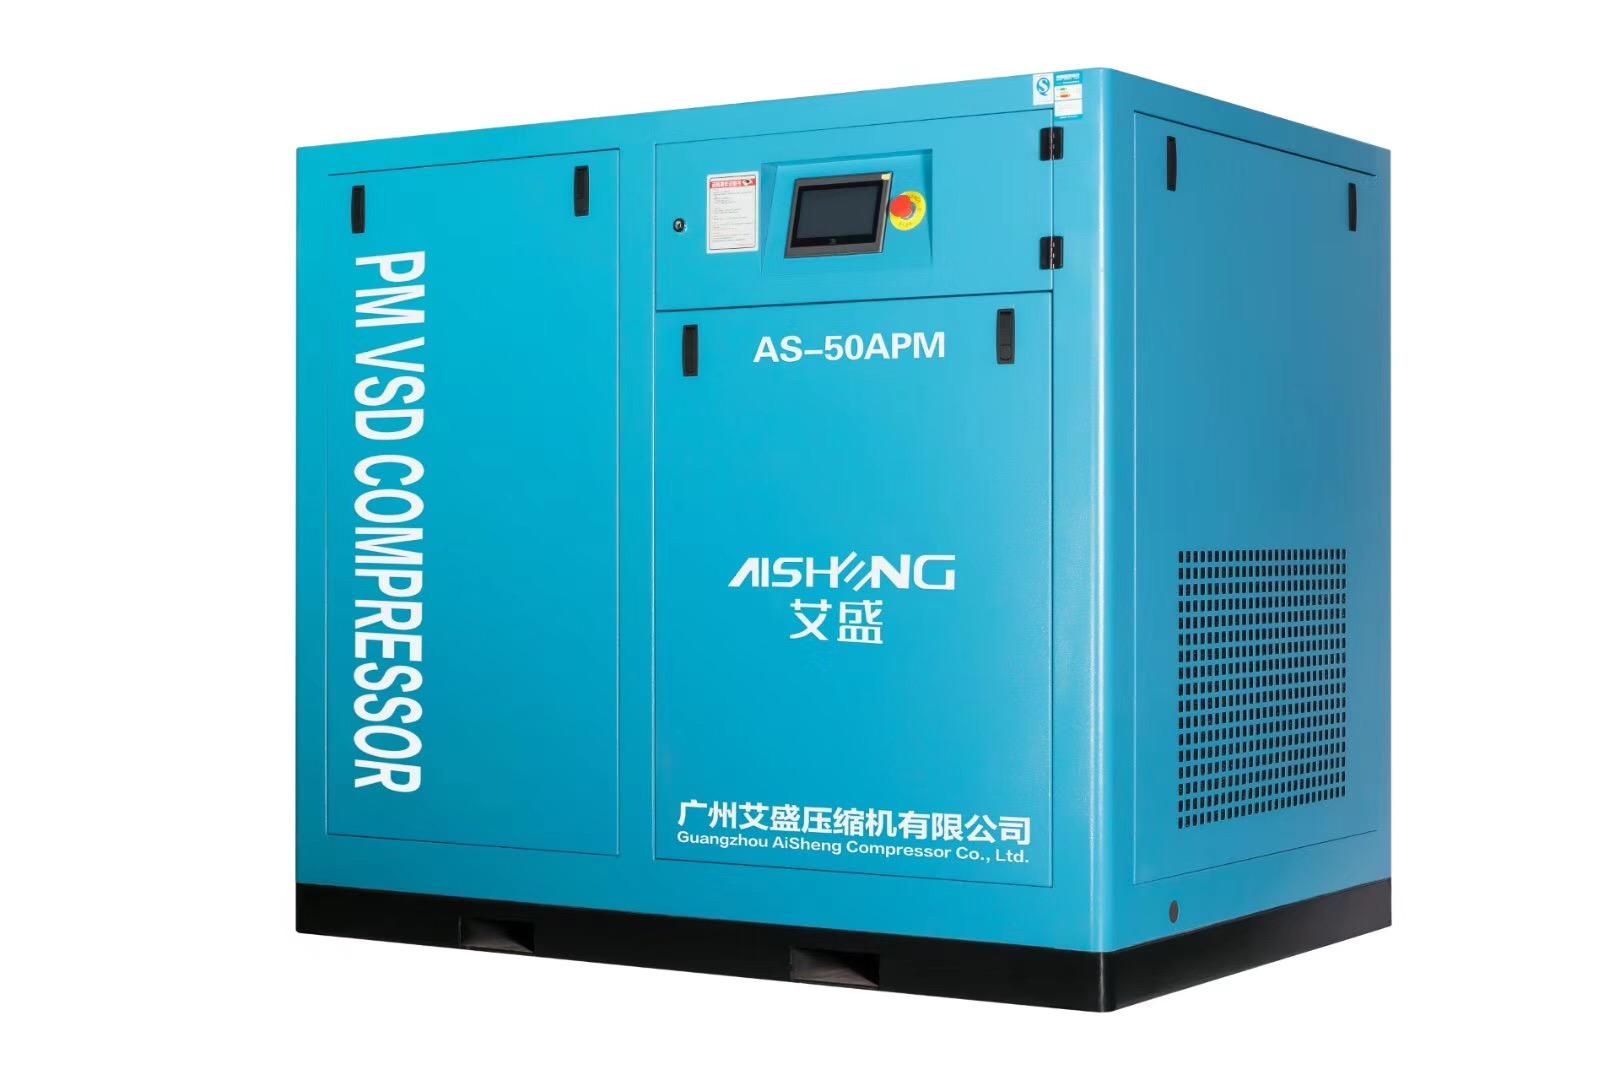 艾盛空压机AS-50APM永磁变频螺杆式空压机 销售热线13925199875